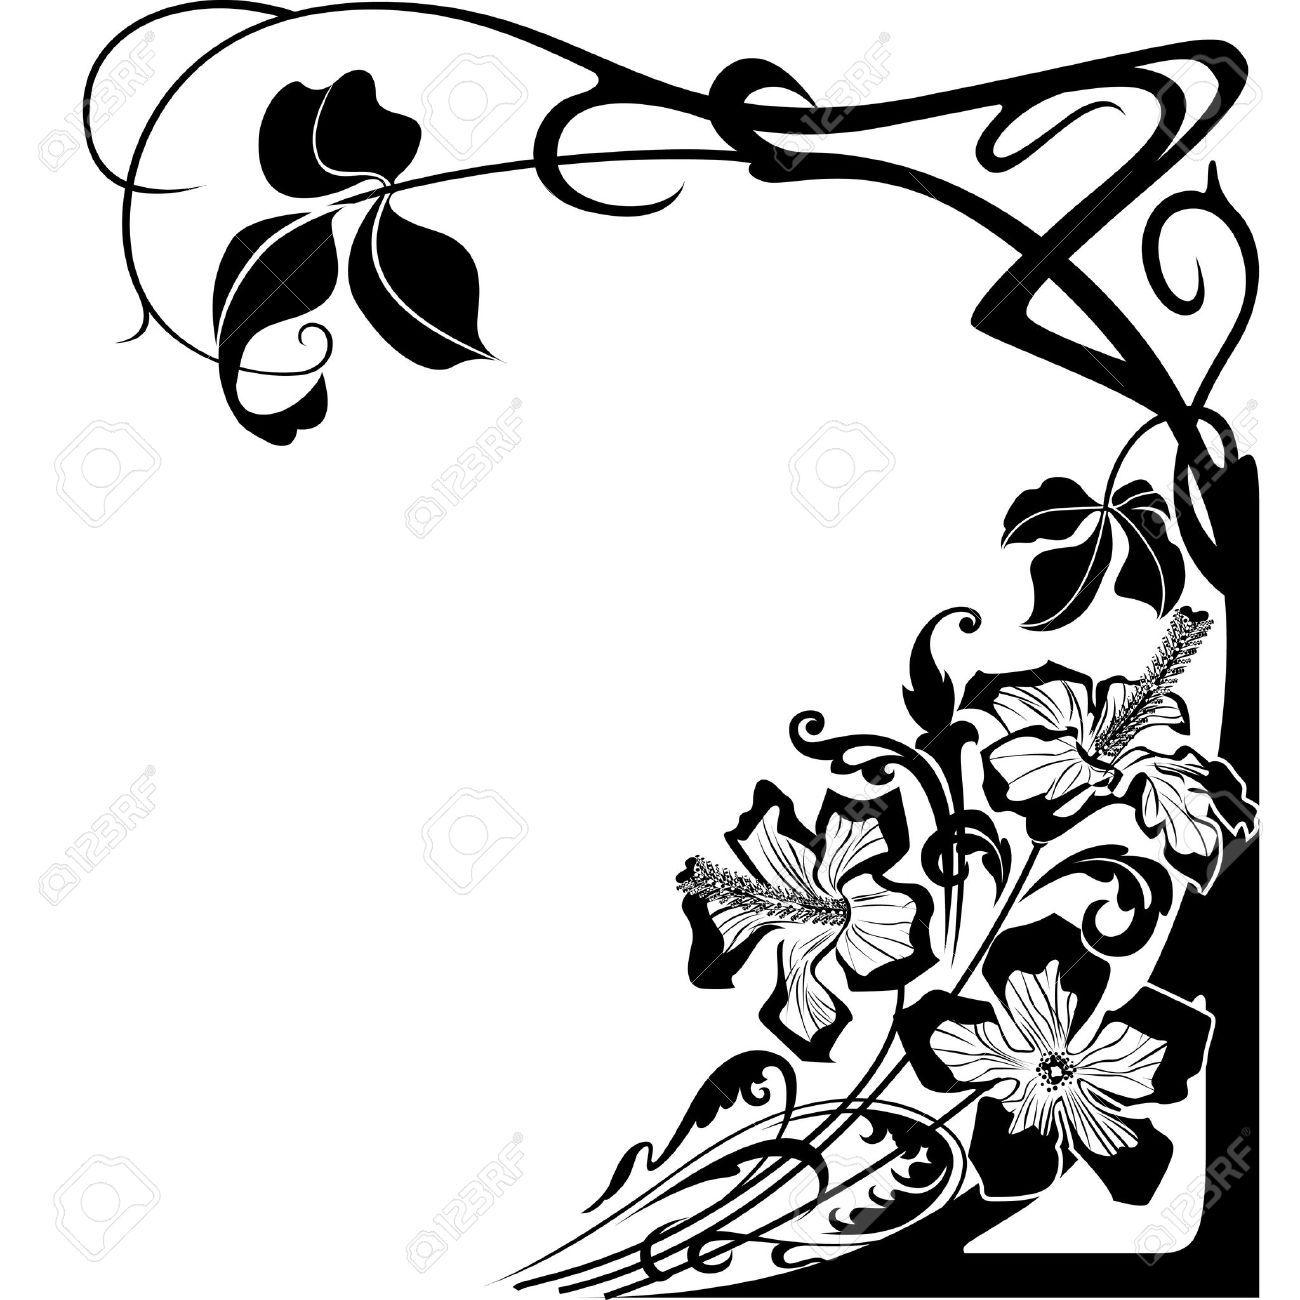 flowers and floral design in art nouveau style royalty free tatoo jugendstil ornamente. Black Bedroom Furniture Sets. Home Design Ideas